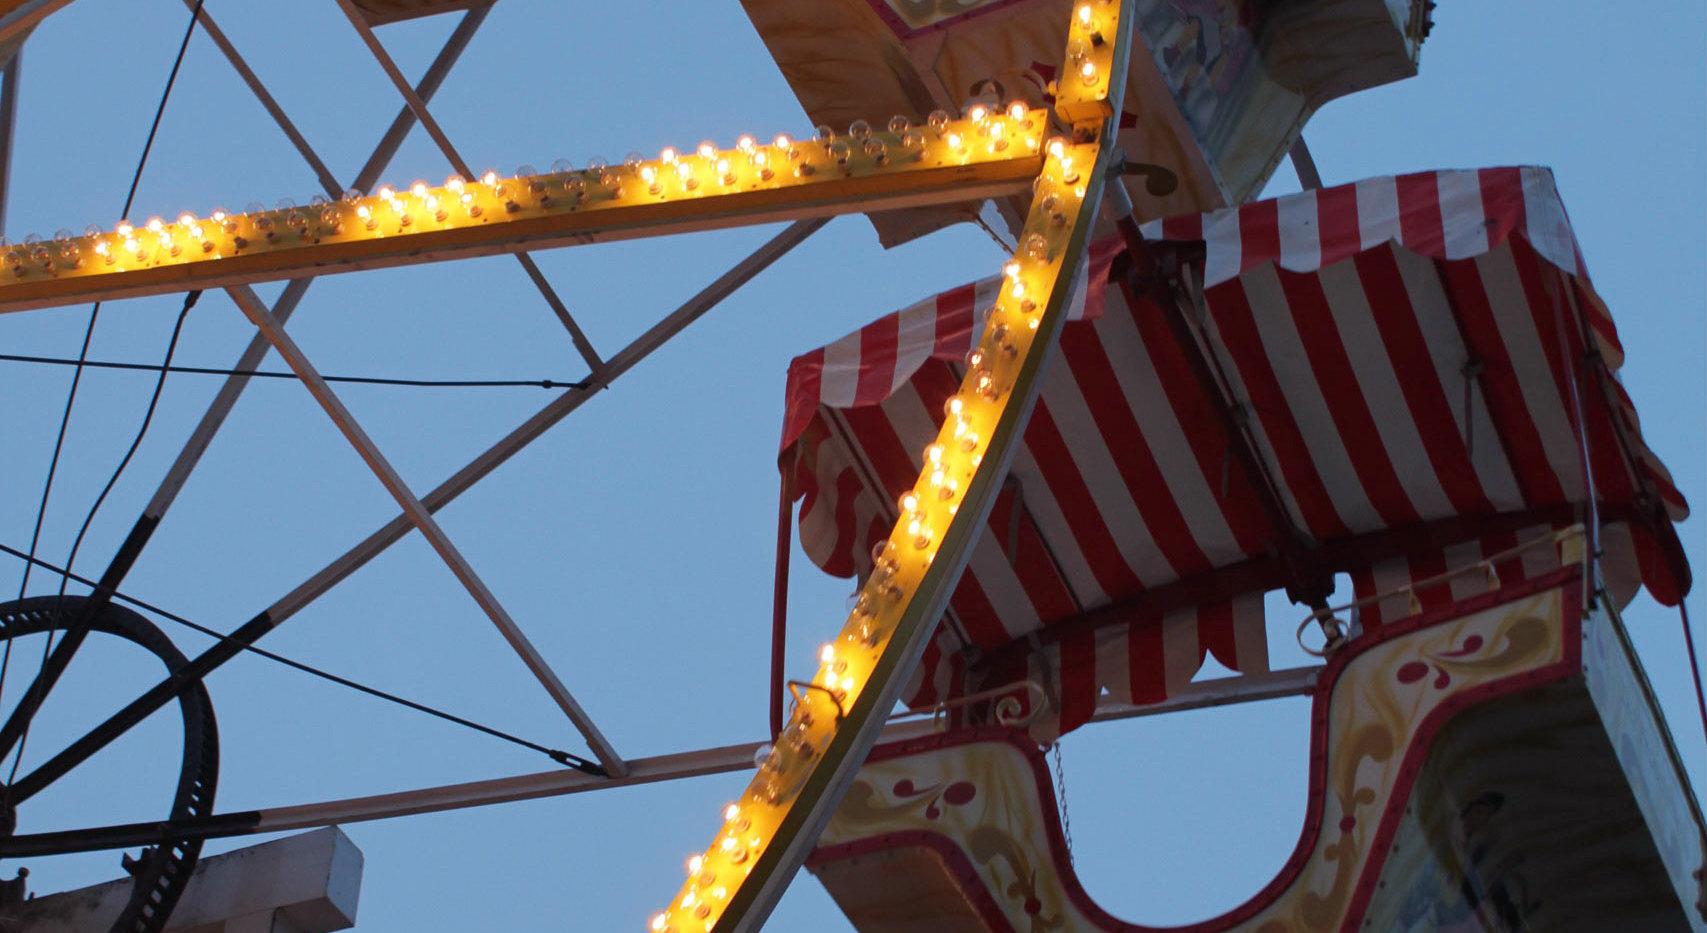 Weihnachtsmarkt | Riesenrad | fototouren.net